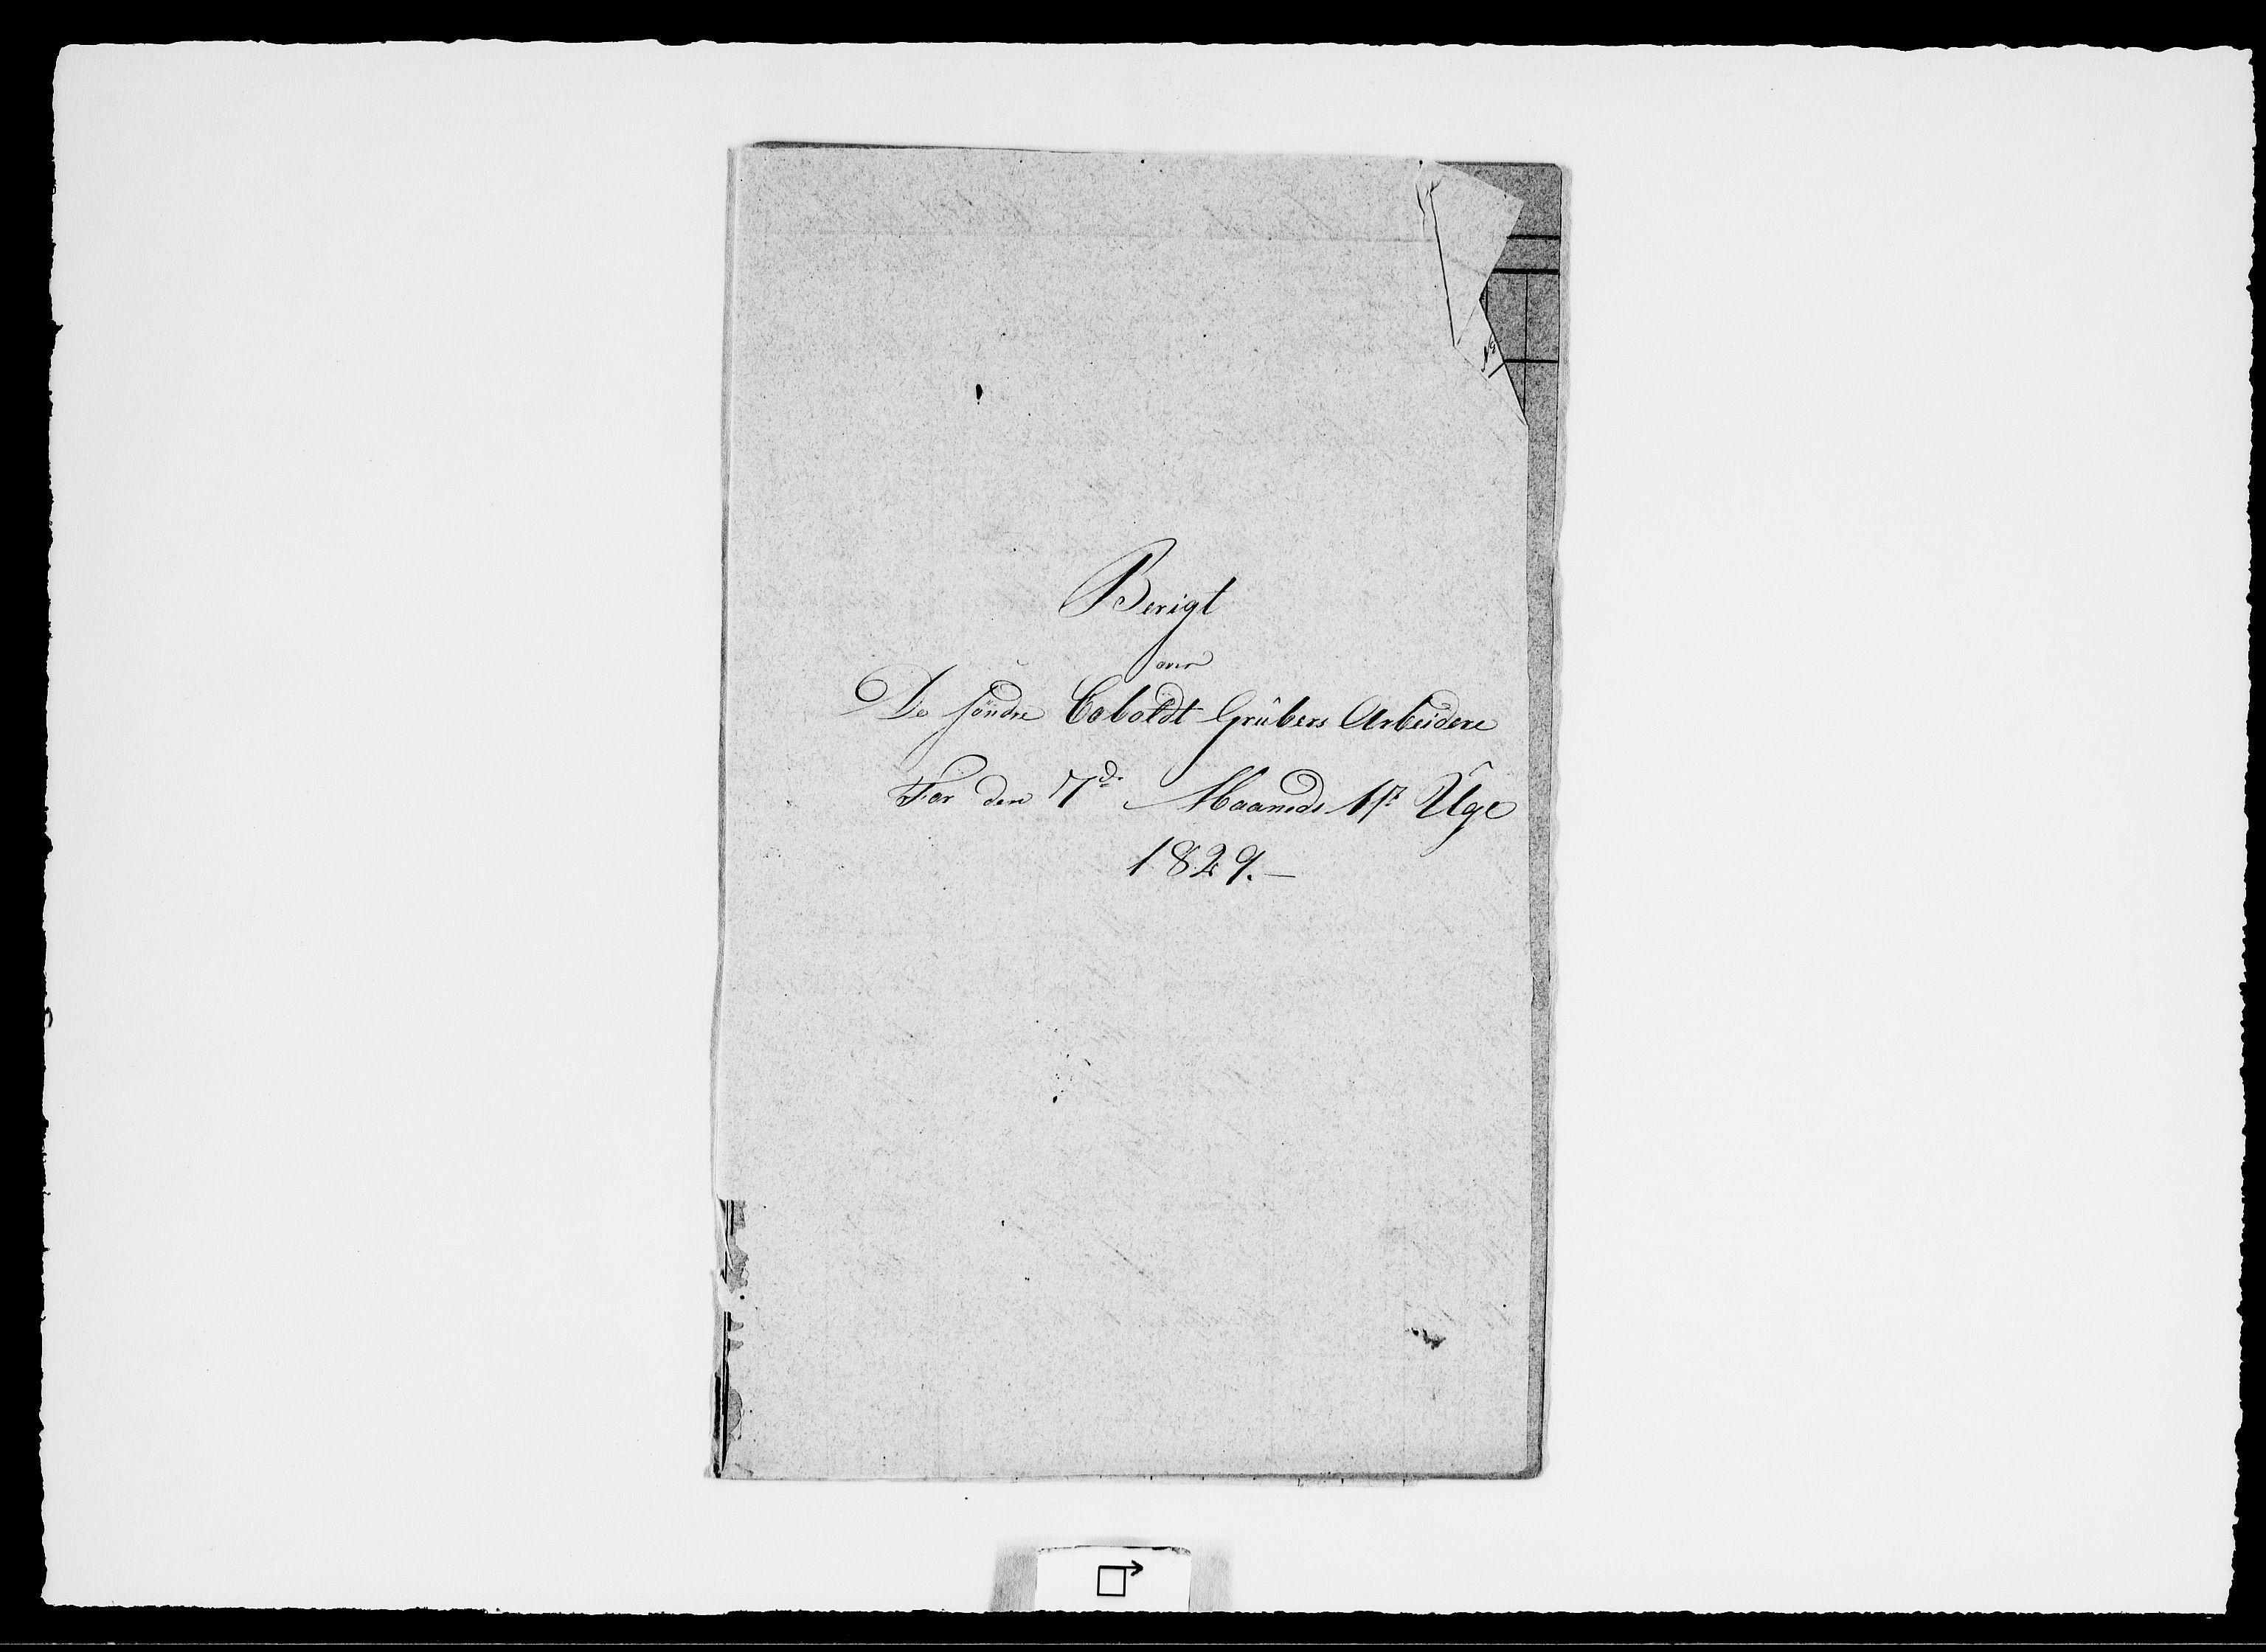 RA, Modums Blaafarveværk, G/Ge/L0333, 1829, s. 2